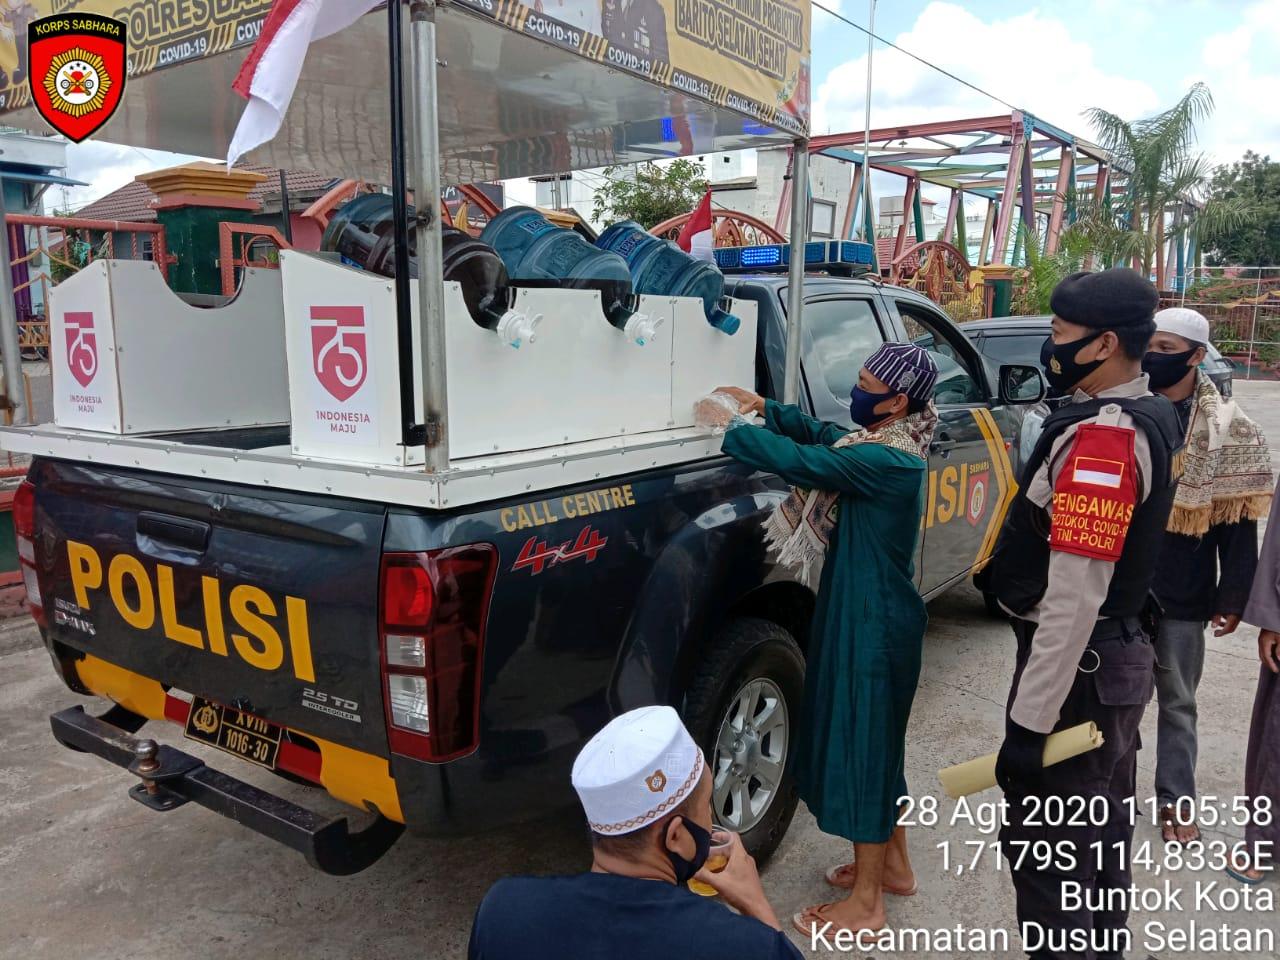 Jumat Berkah, Mobil Kebal Covid-19 Polres Barsel Bagikan Air Suplemen Kepada Jemaah Sholat